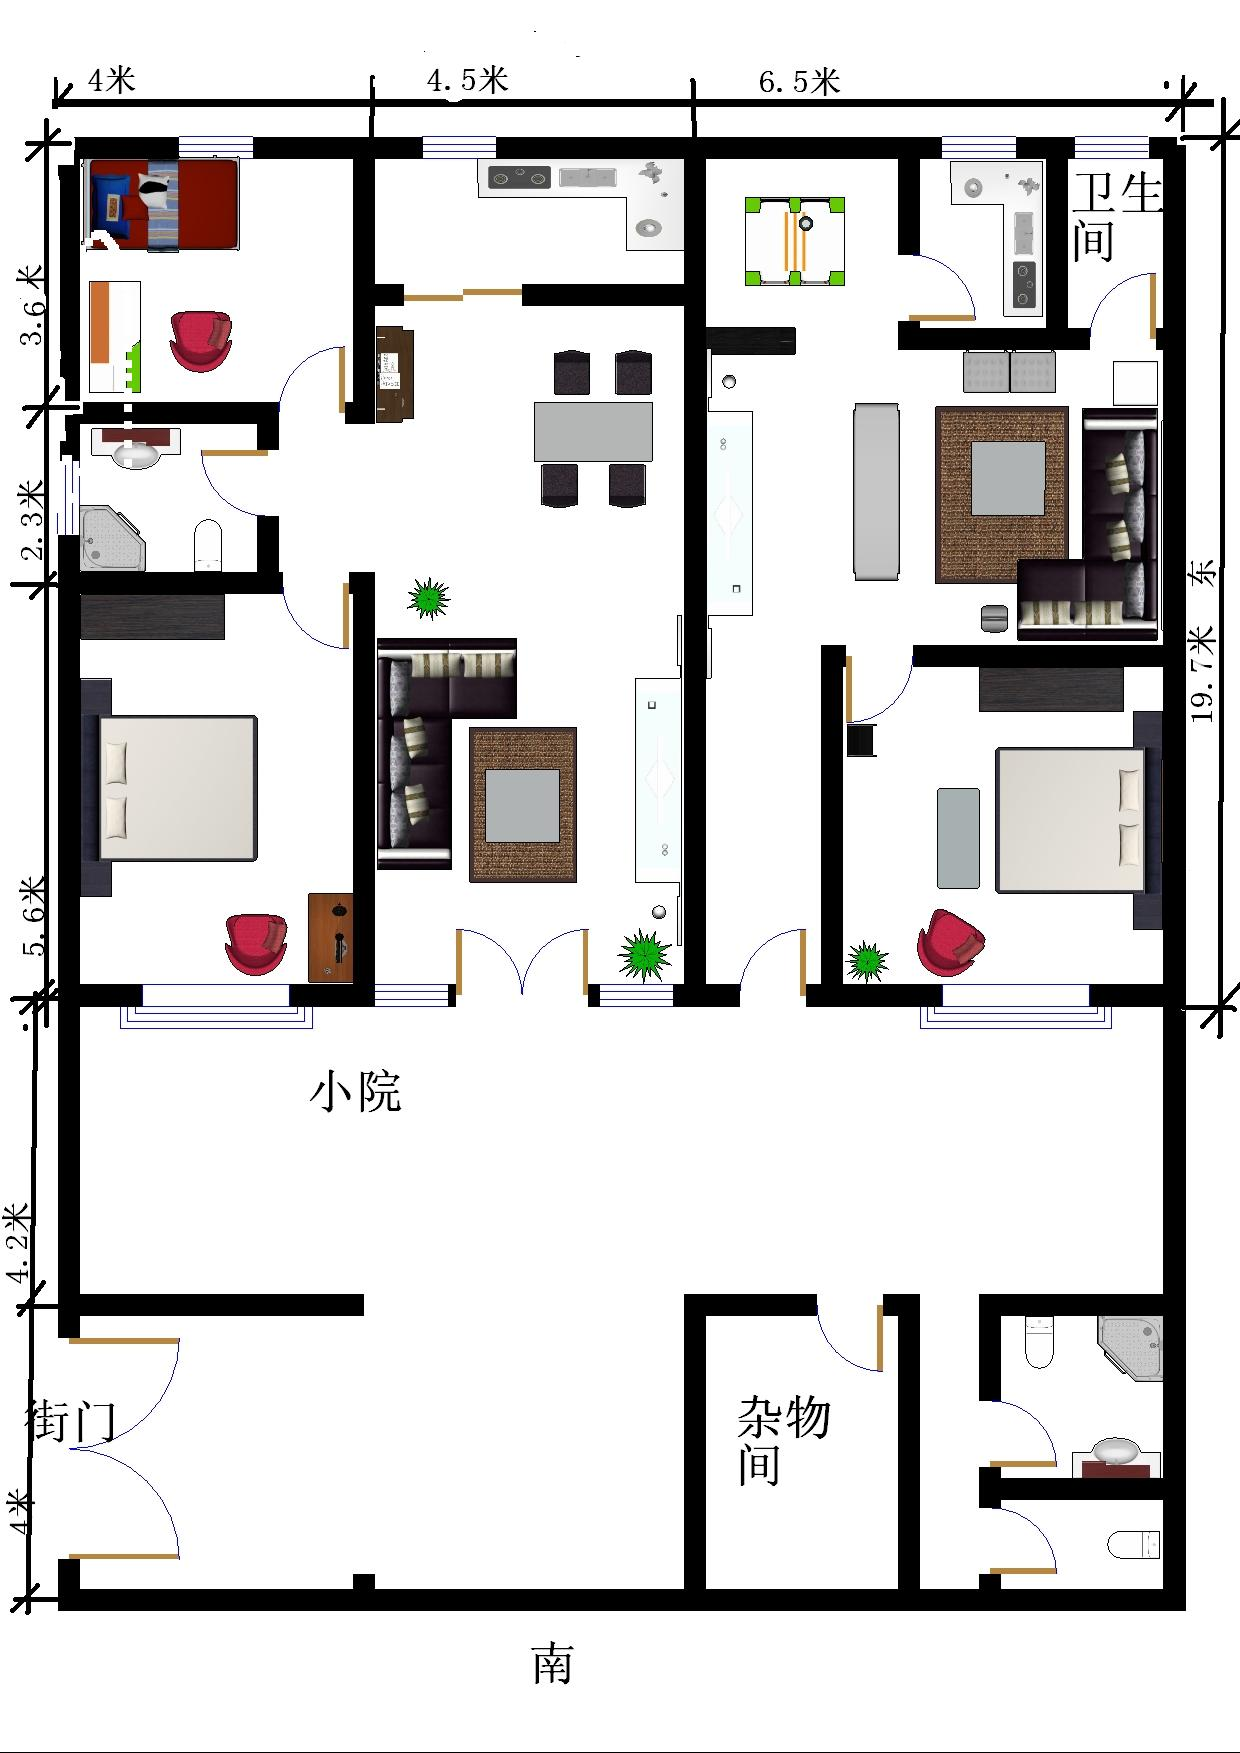 房屋设计平面图_房屋设计平面图立体图_广场设计平面图